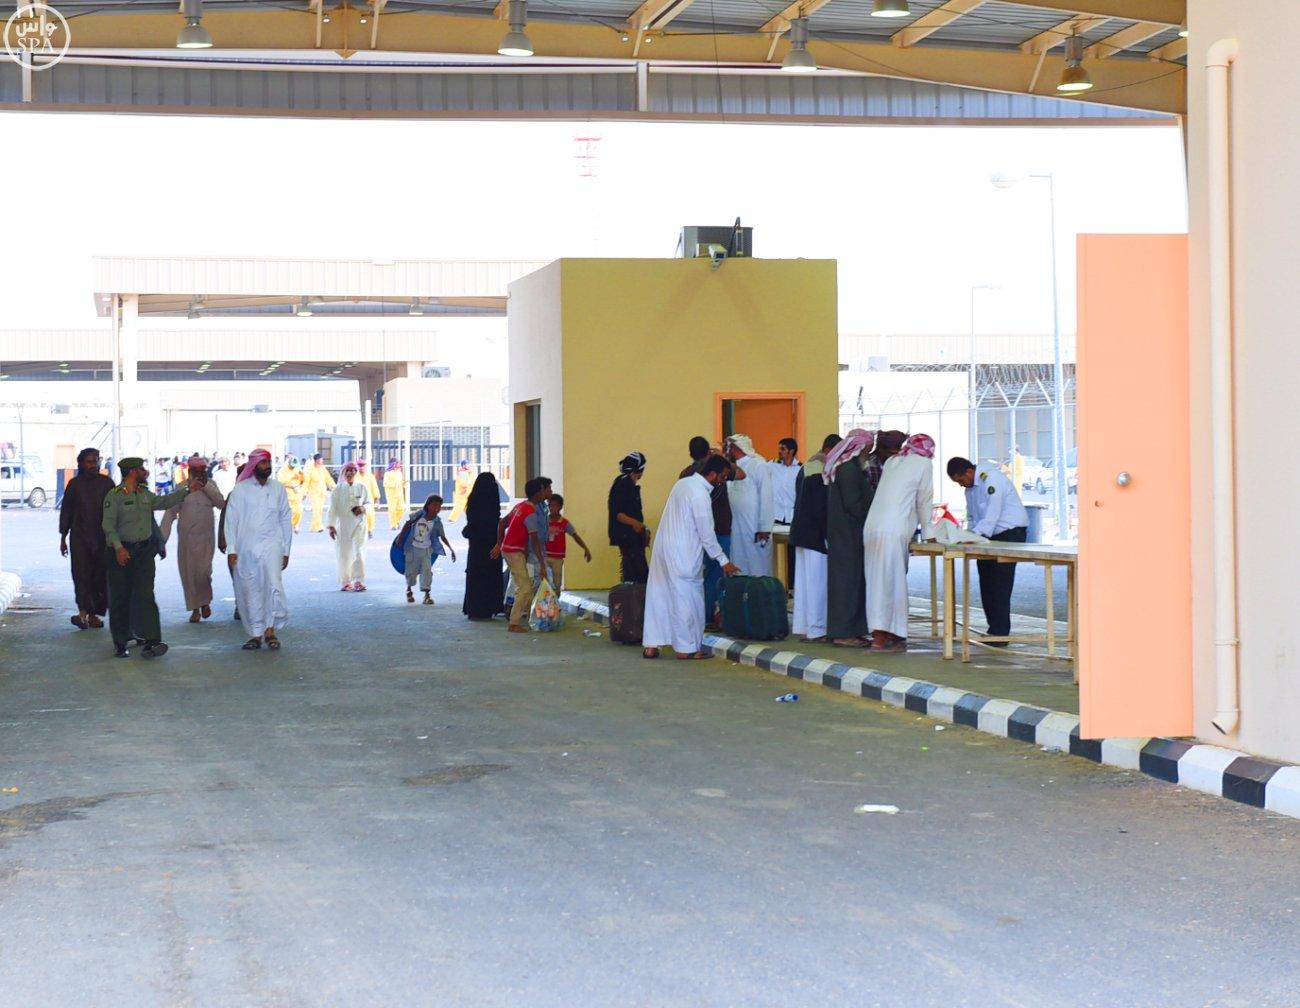 منفذ الوديعة يواصل خدمة الأشقاء اليمنيين وتسهيل إجراءاتهم (1)